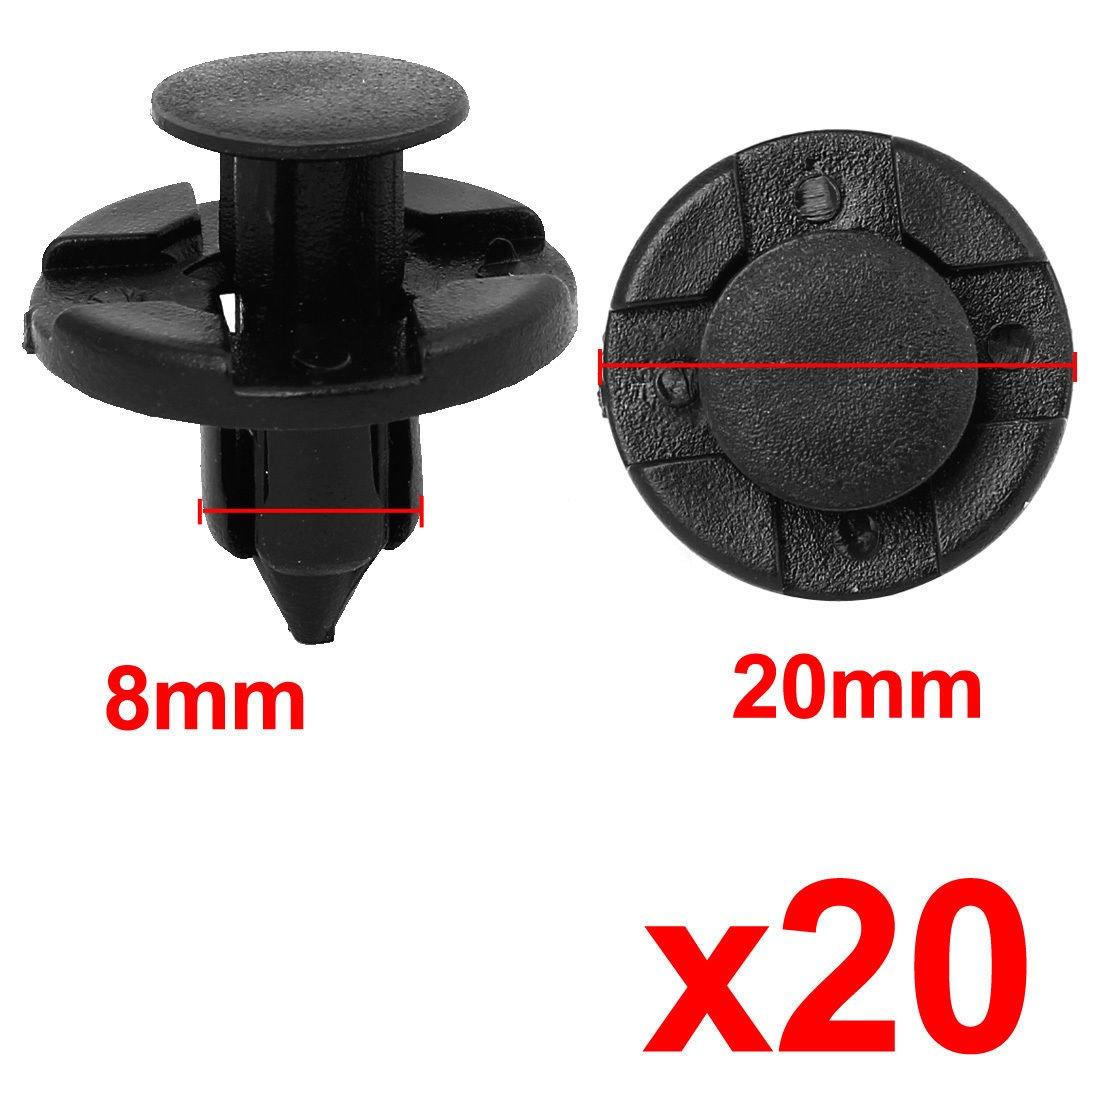 MagiDeal 20pcs 8mm Trou Rivets Clips Bavettes Fixation Pare-Chocs pour Nissan